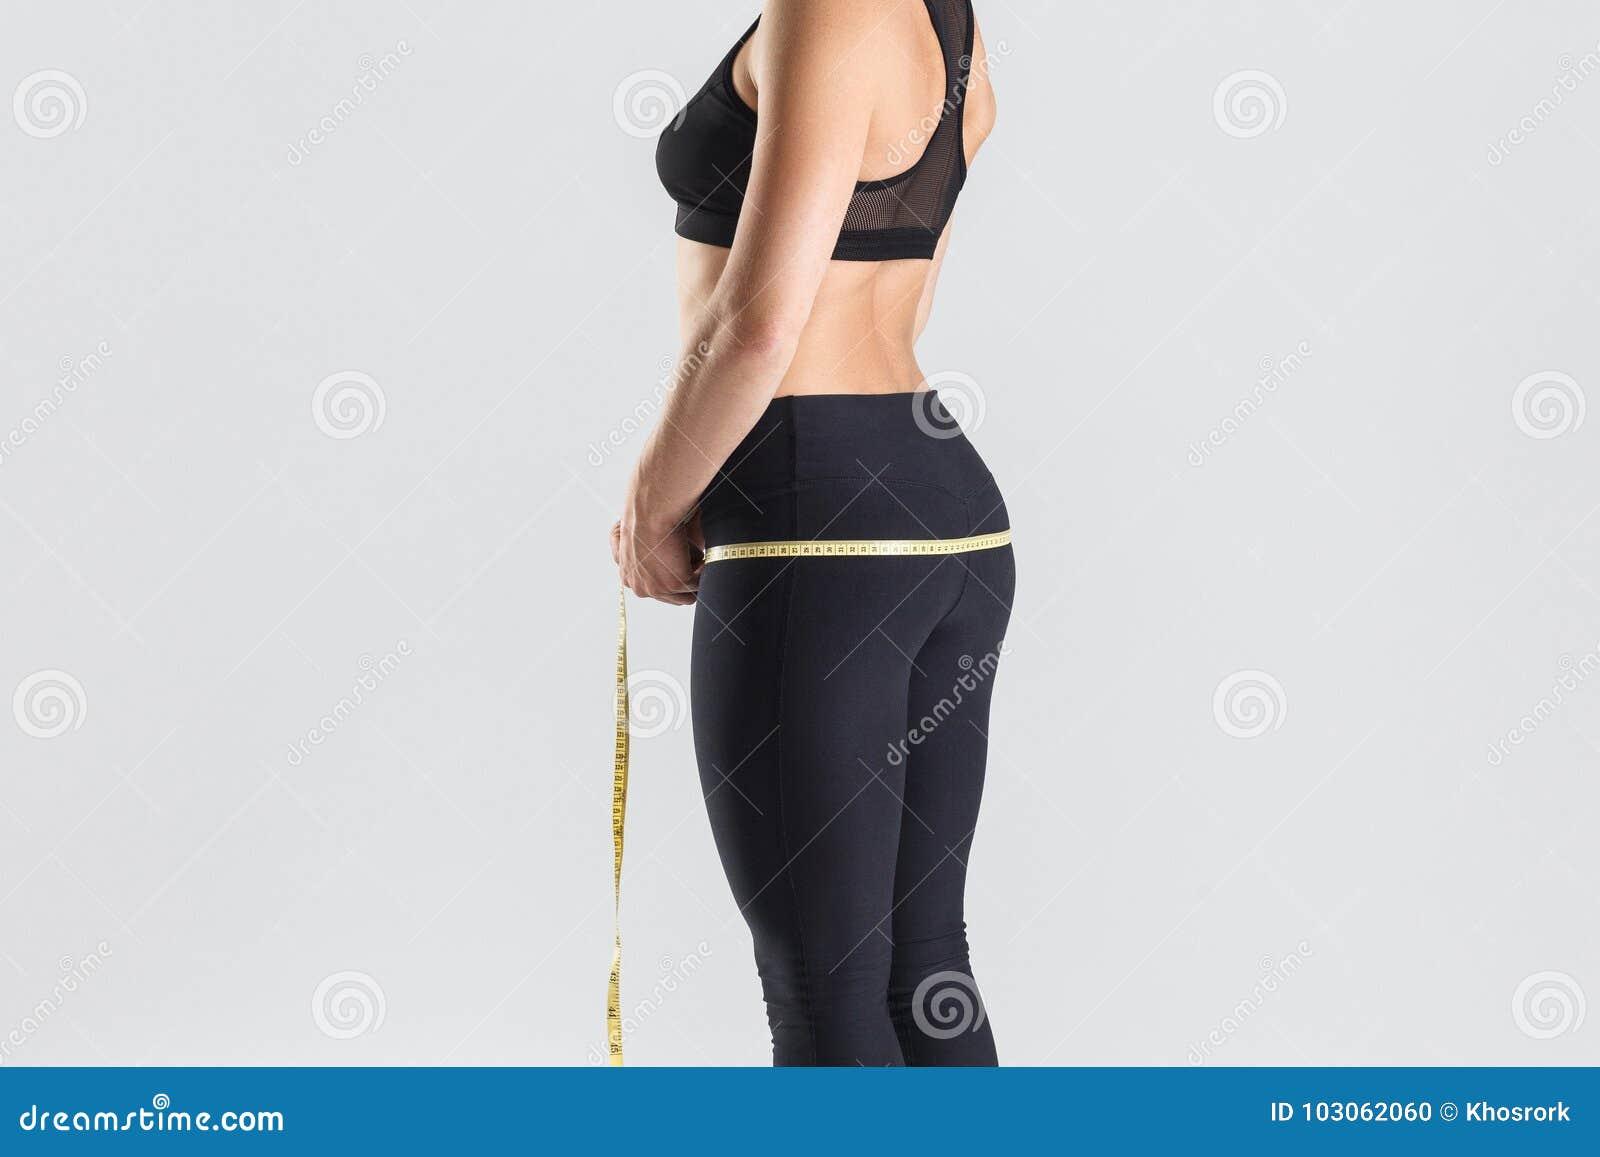 perdita di peso sportiva aerobica